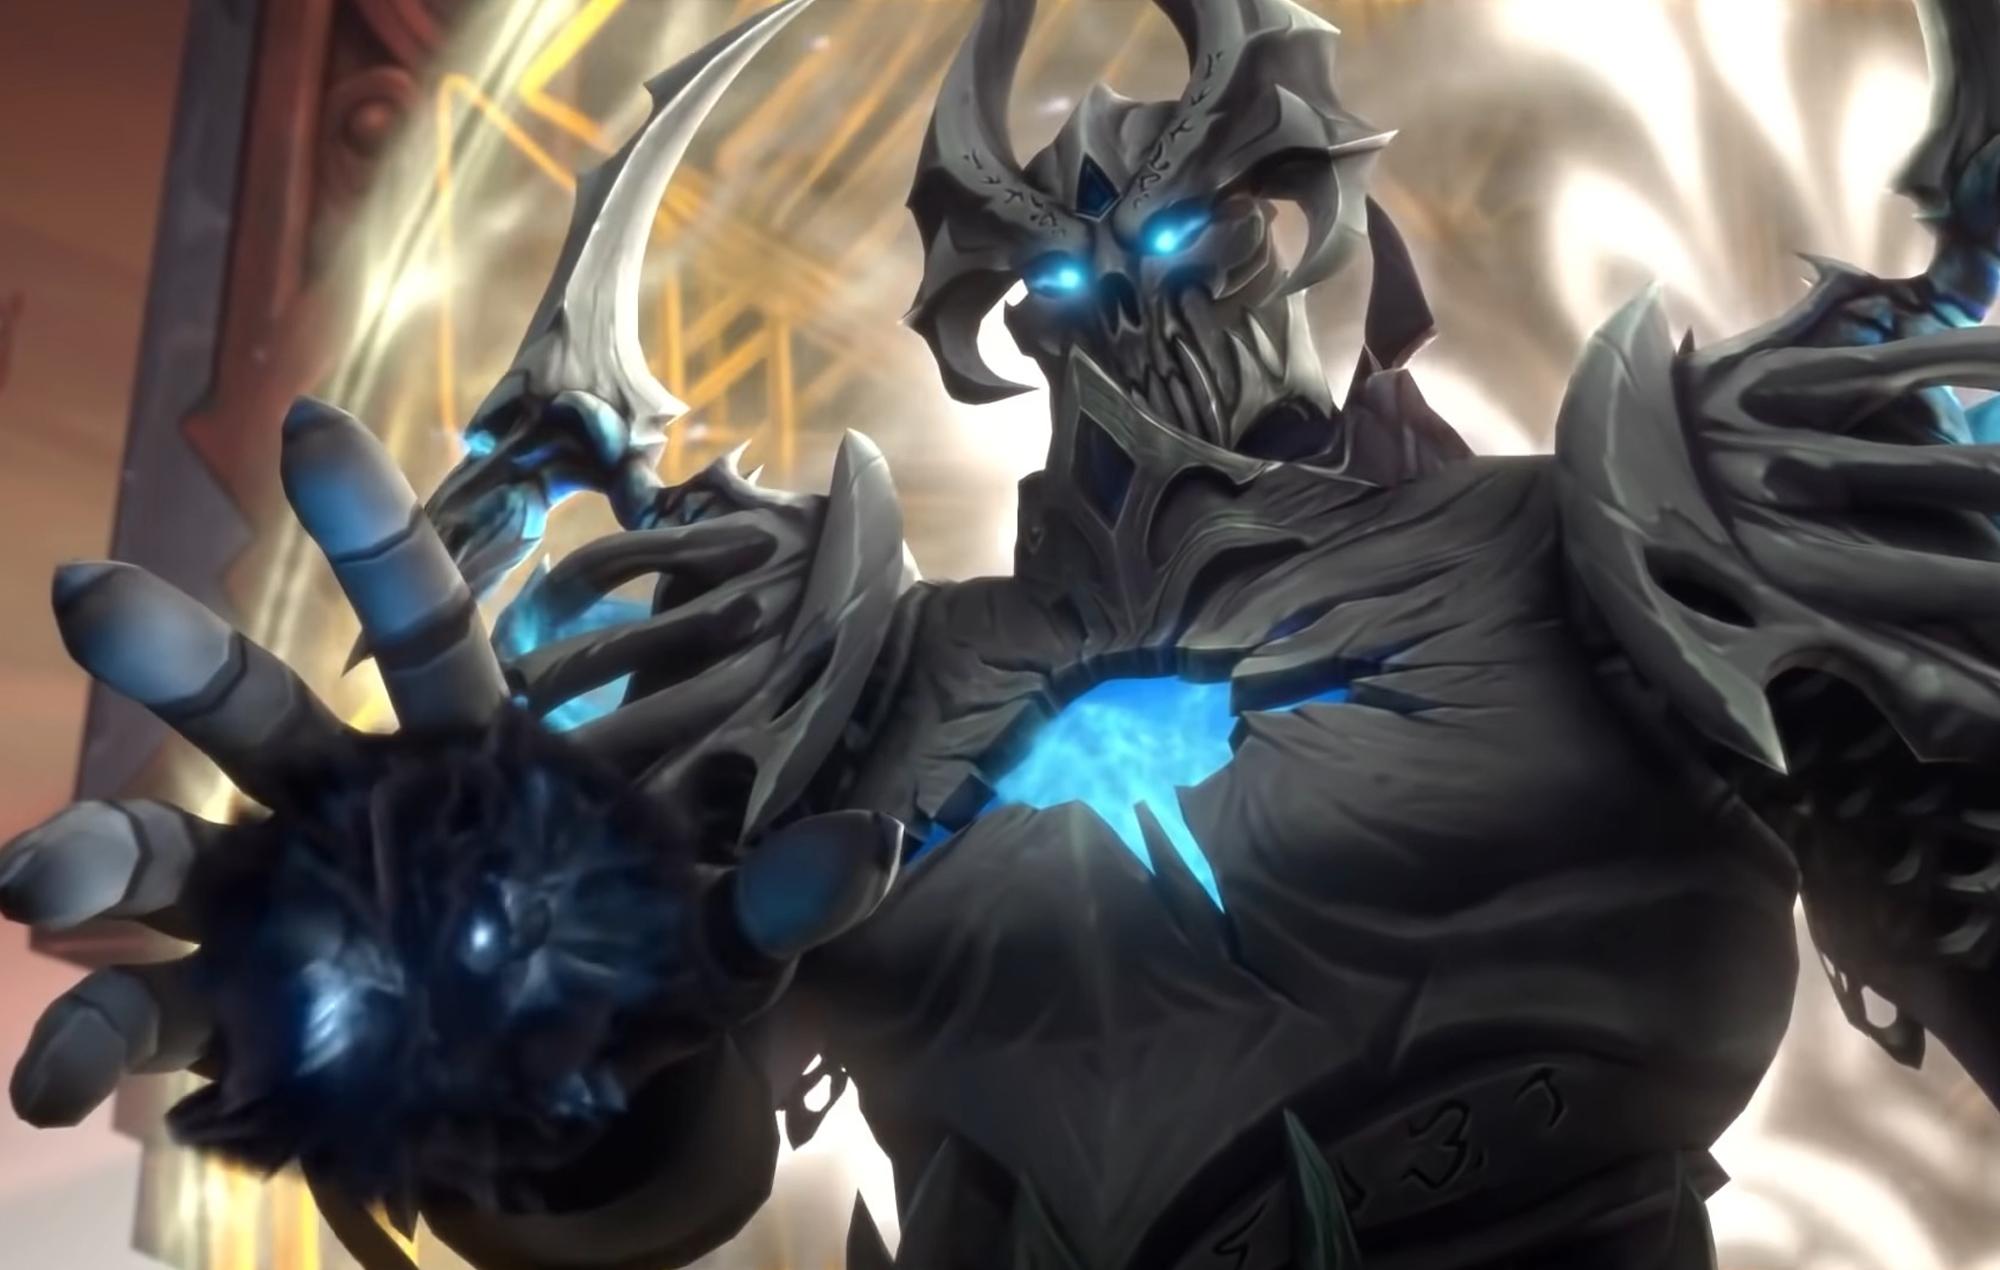 La prochaine mise à jour 'World Of Warcraft' supprimera plus de noms de développeurs